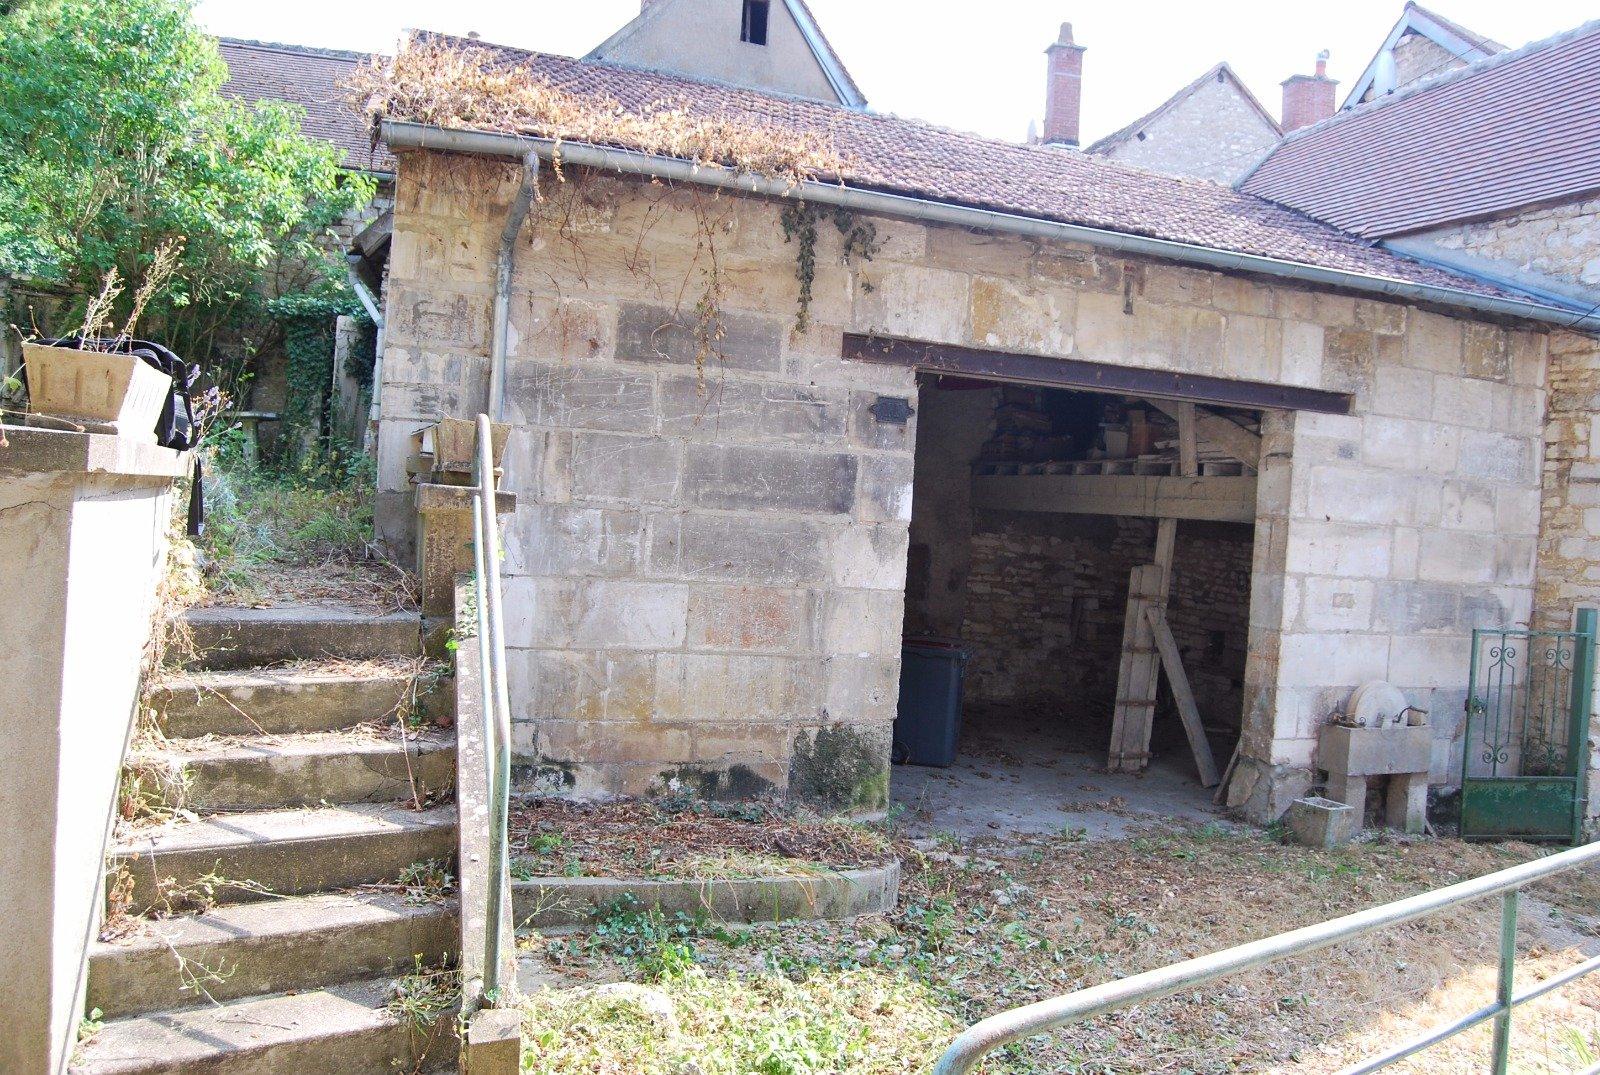 Vente Maison Ancienne Avec Jardin En Plein Centre Ville encequiconcerne Vente Privée Jardin